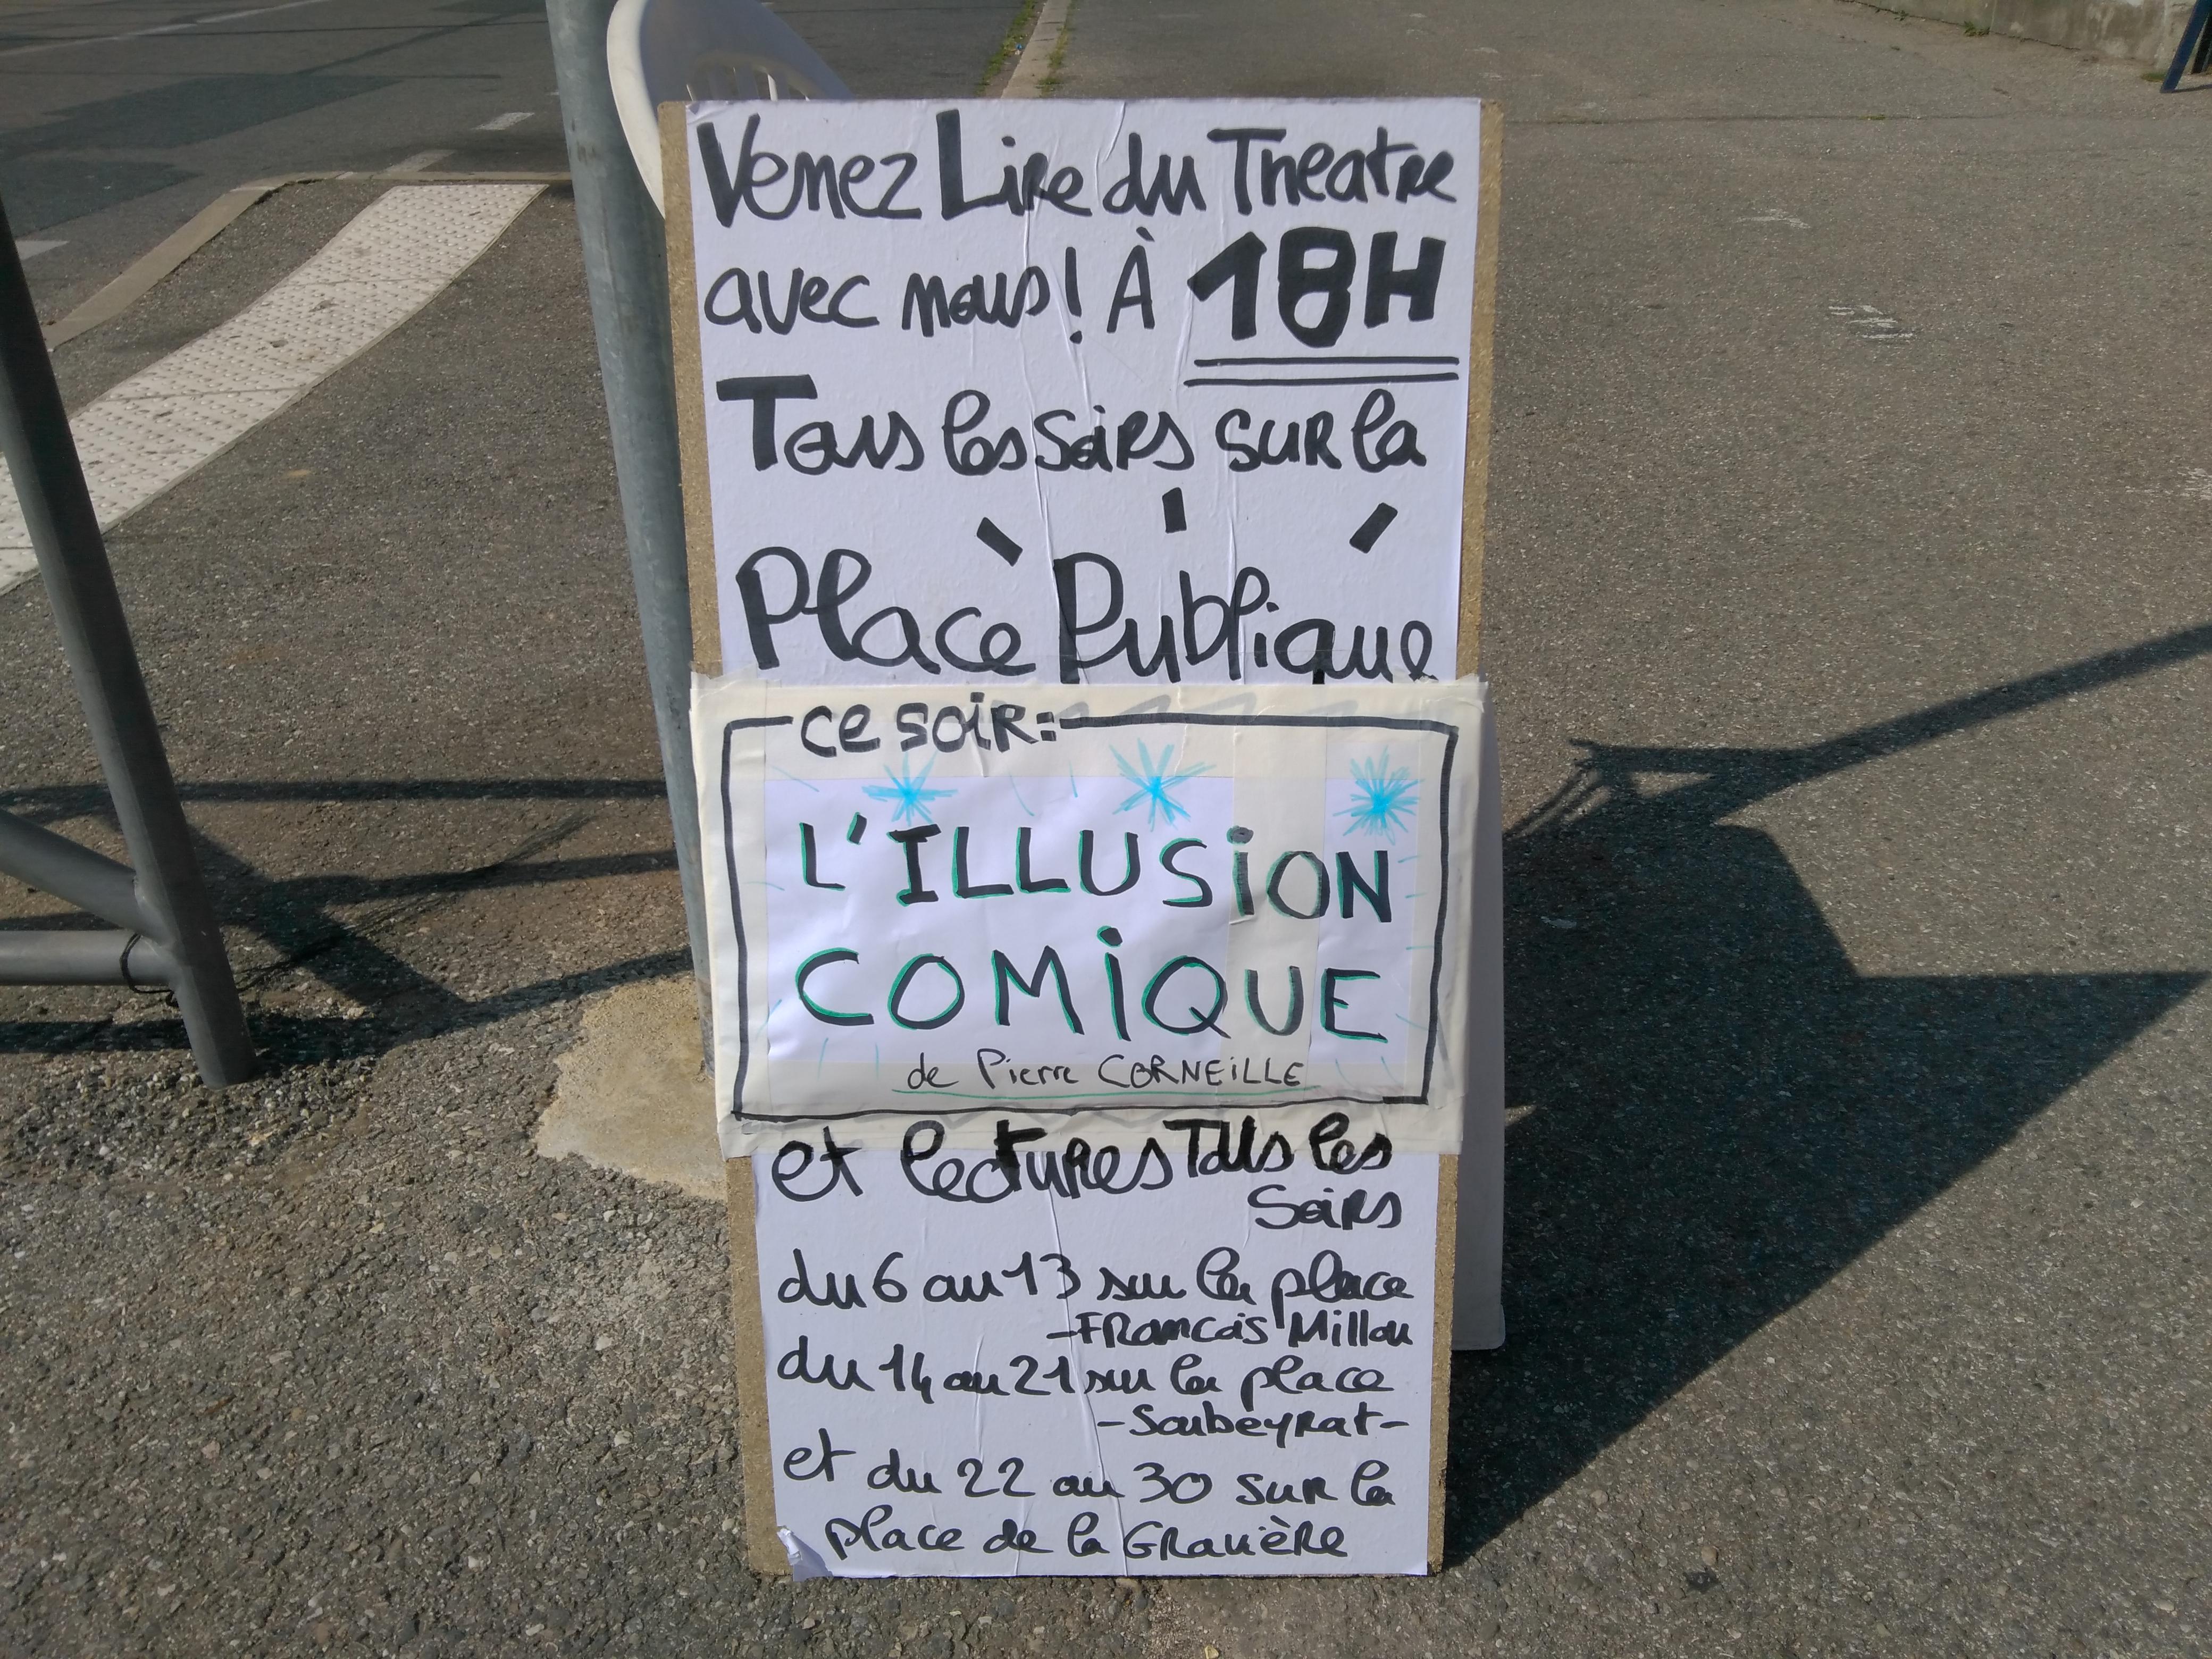 Lecture Publique de L'ILLUSION COMIQUE, de Pierre Corneille